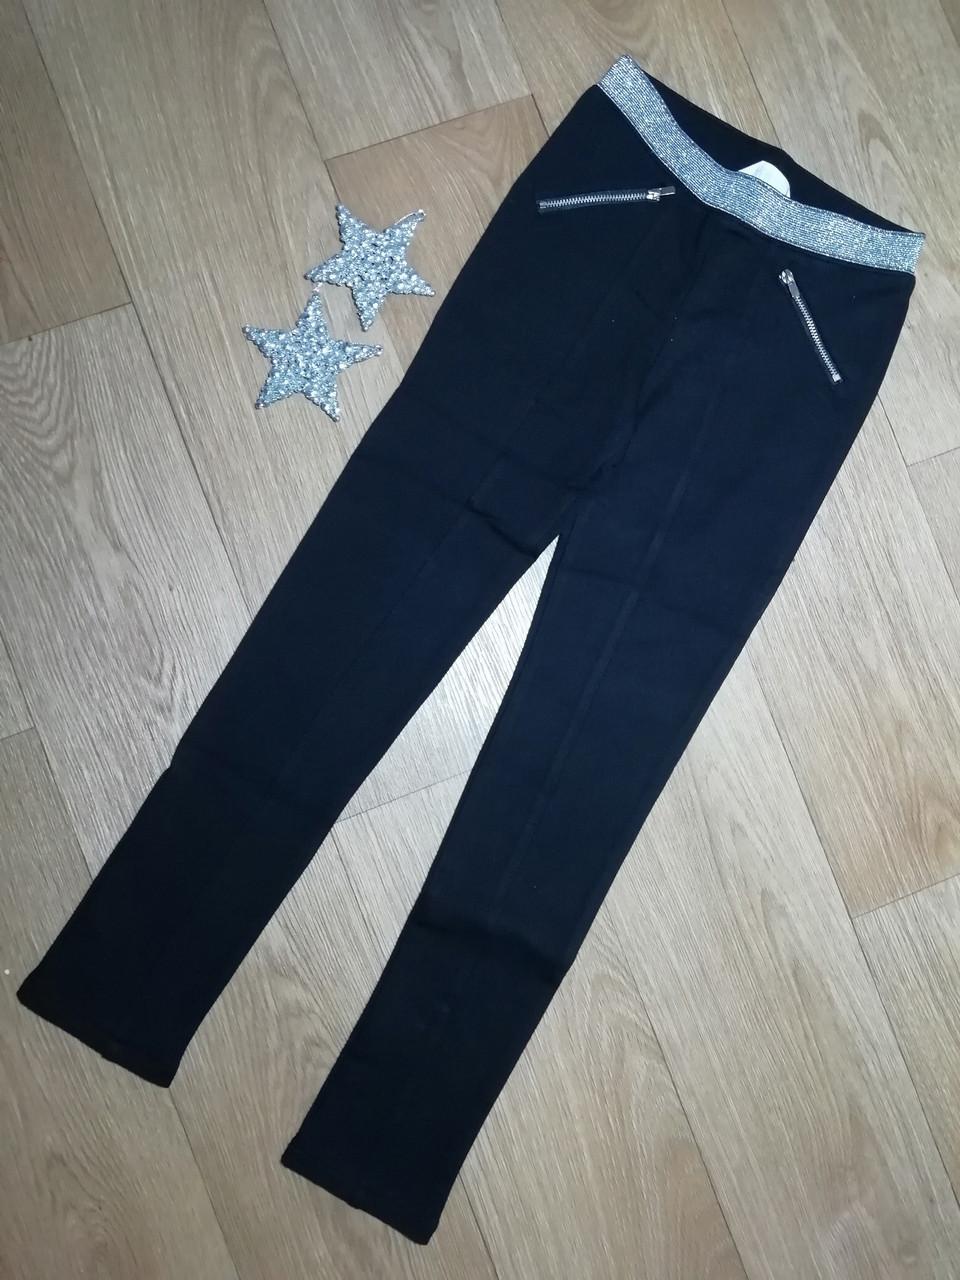 Черные хлопковые брюки скинни леггинсы на девочку (Размер 9-10Т) H&M (Англия)